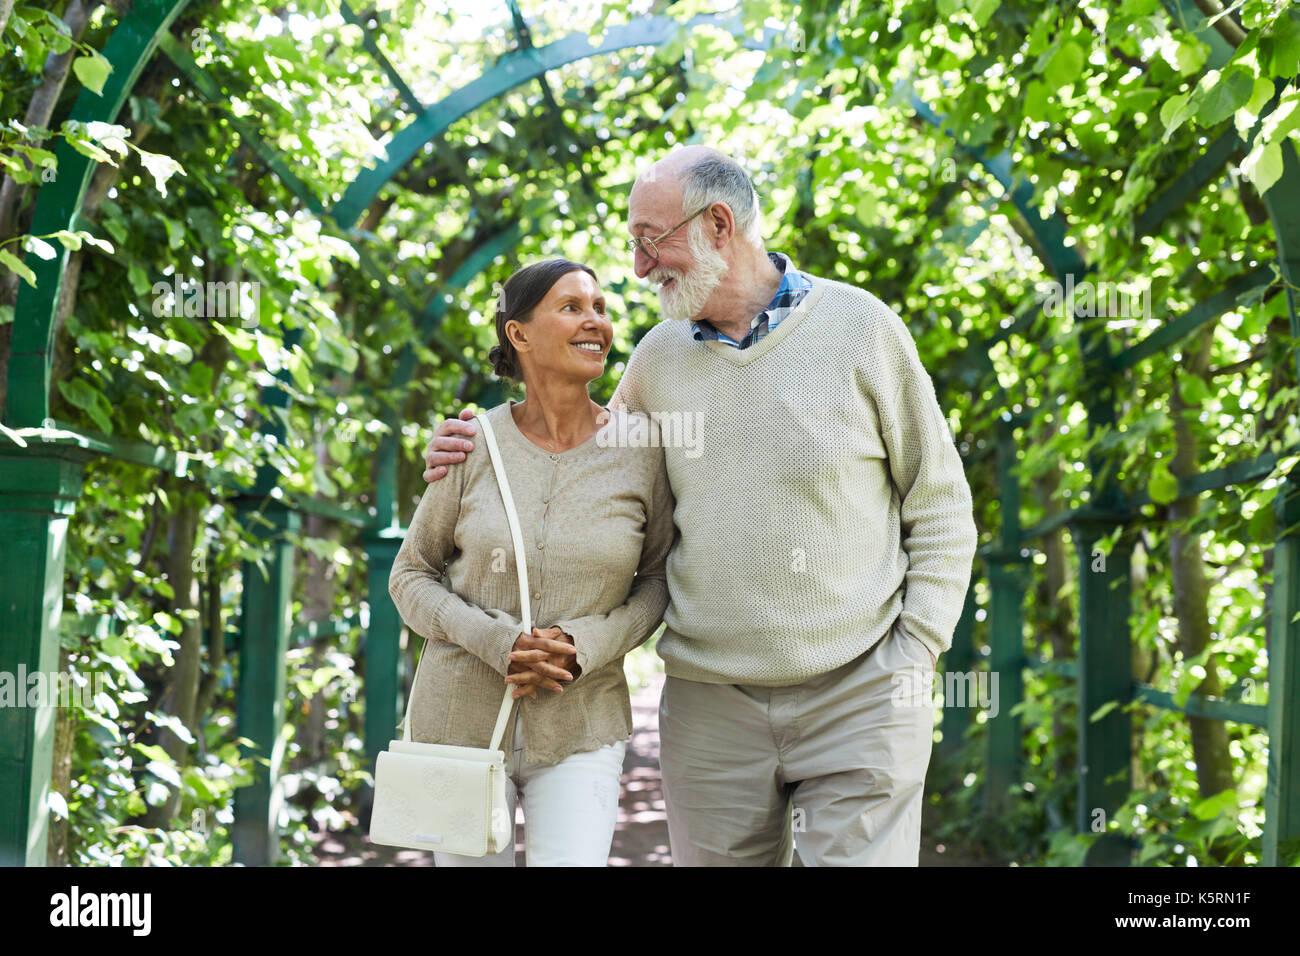 Personas mayores en el Parque Imagen De Stock